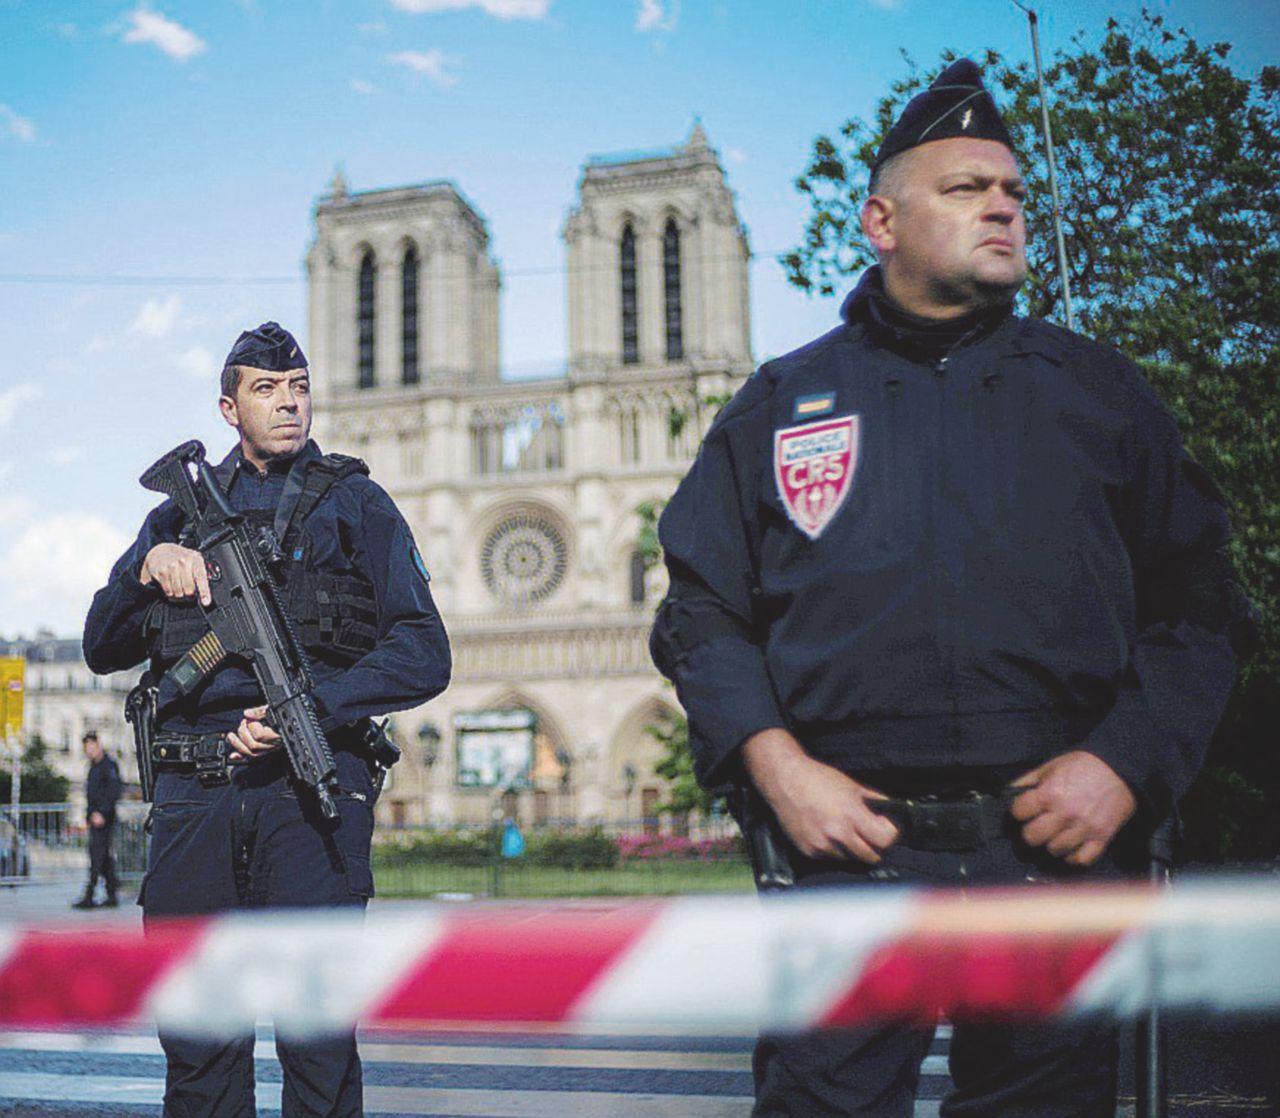 Il martellatore parigino pianta la Siria nelle urne